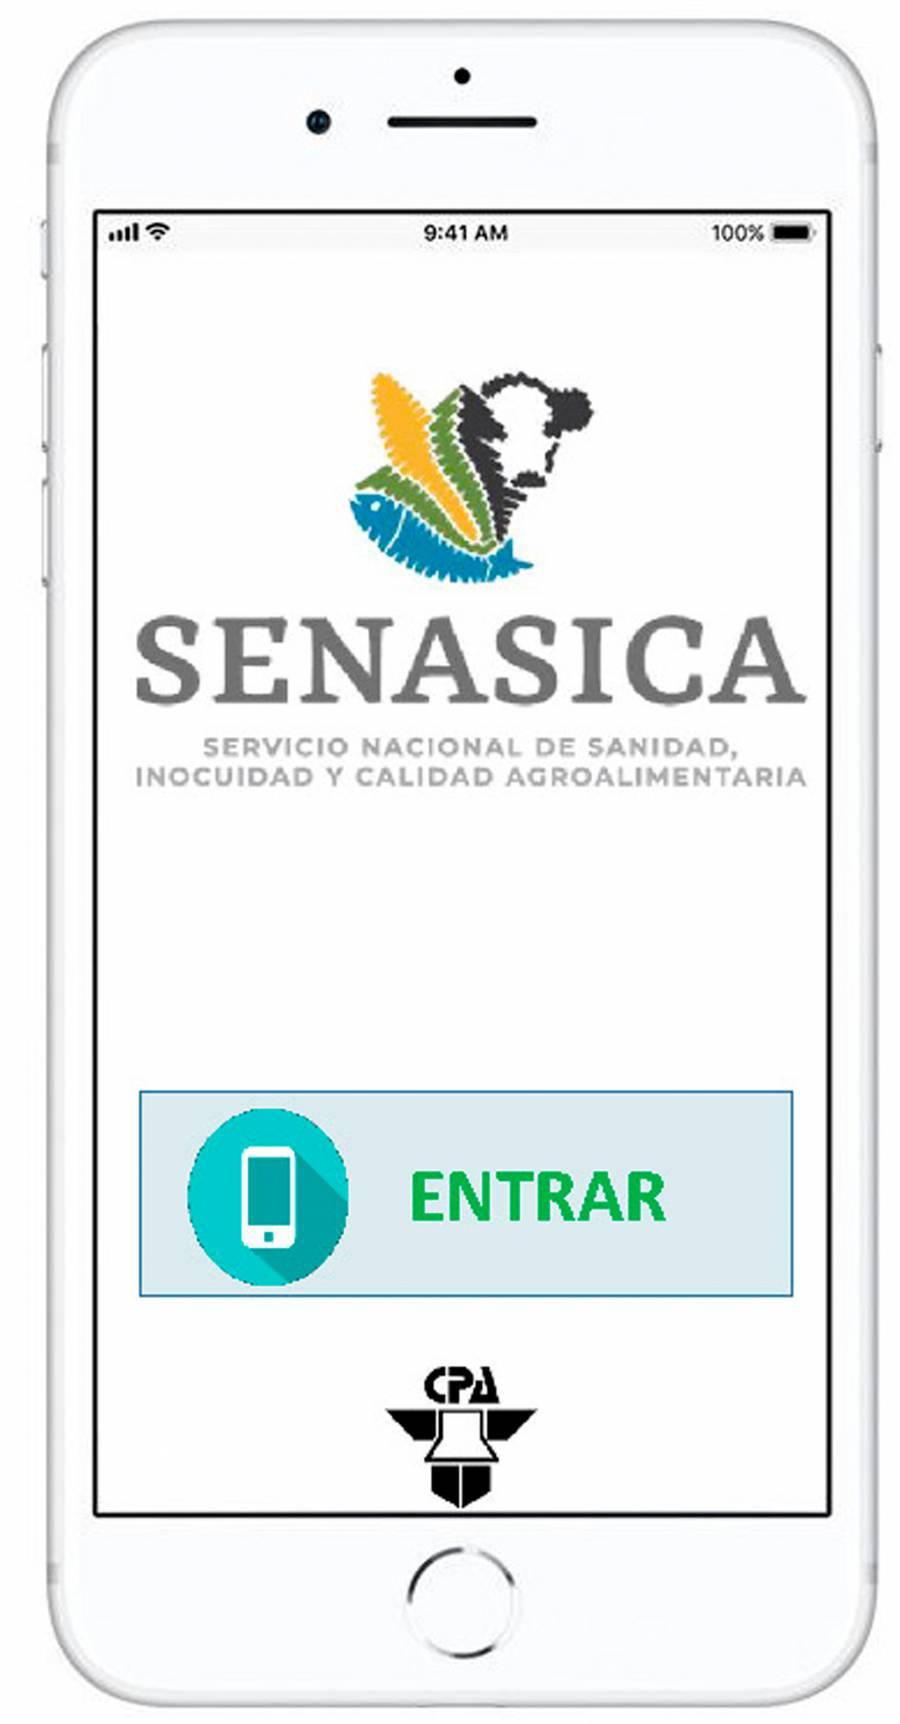 AVISE: App que notifica a gobierno y ganaderos sobre enfermedades de los animales